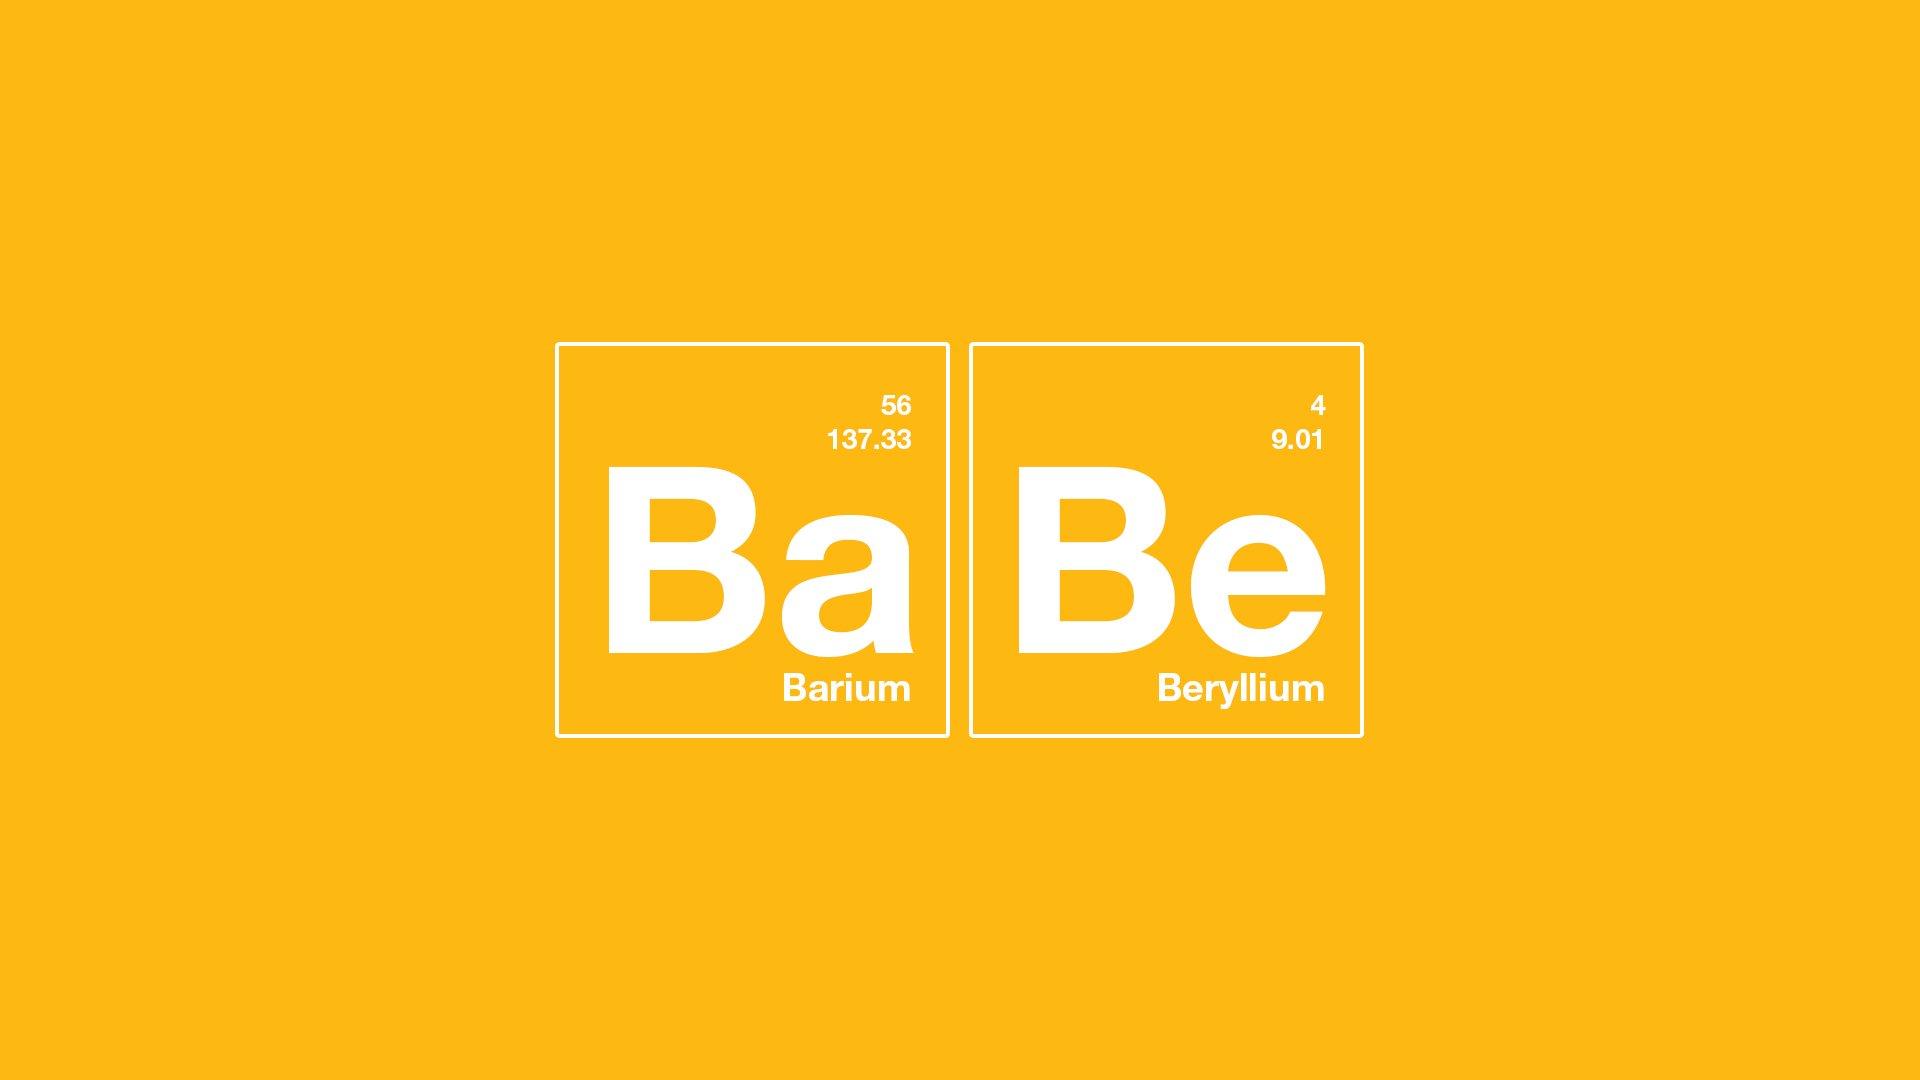 Ba Be